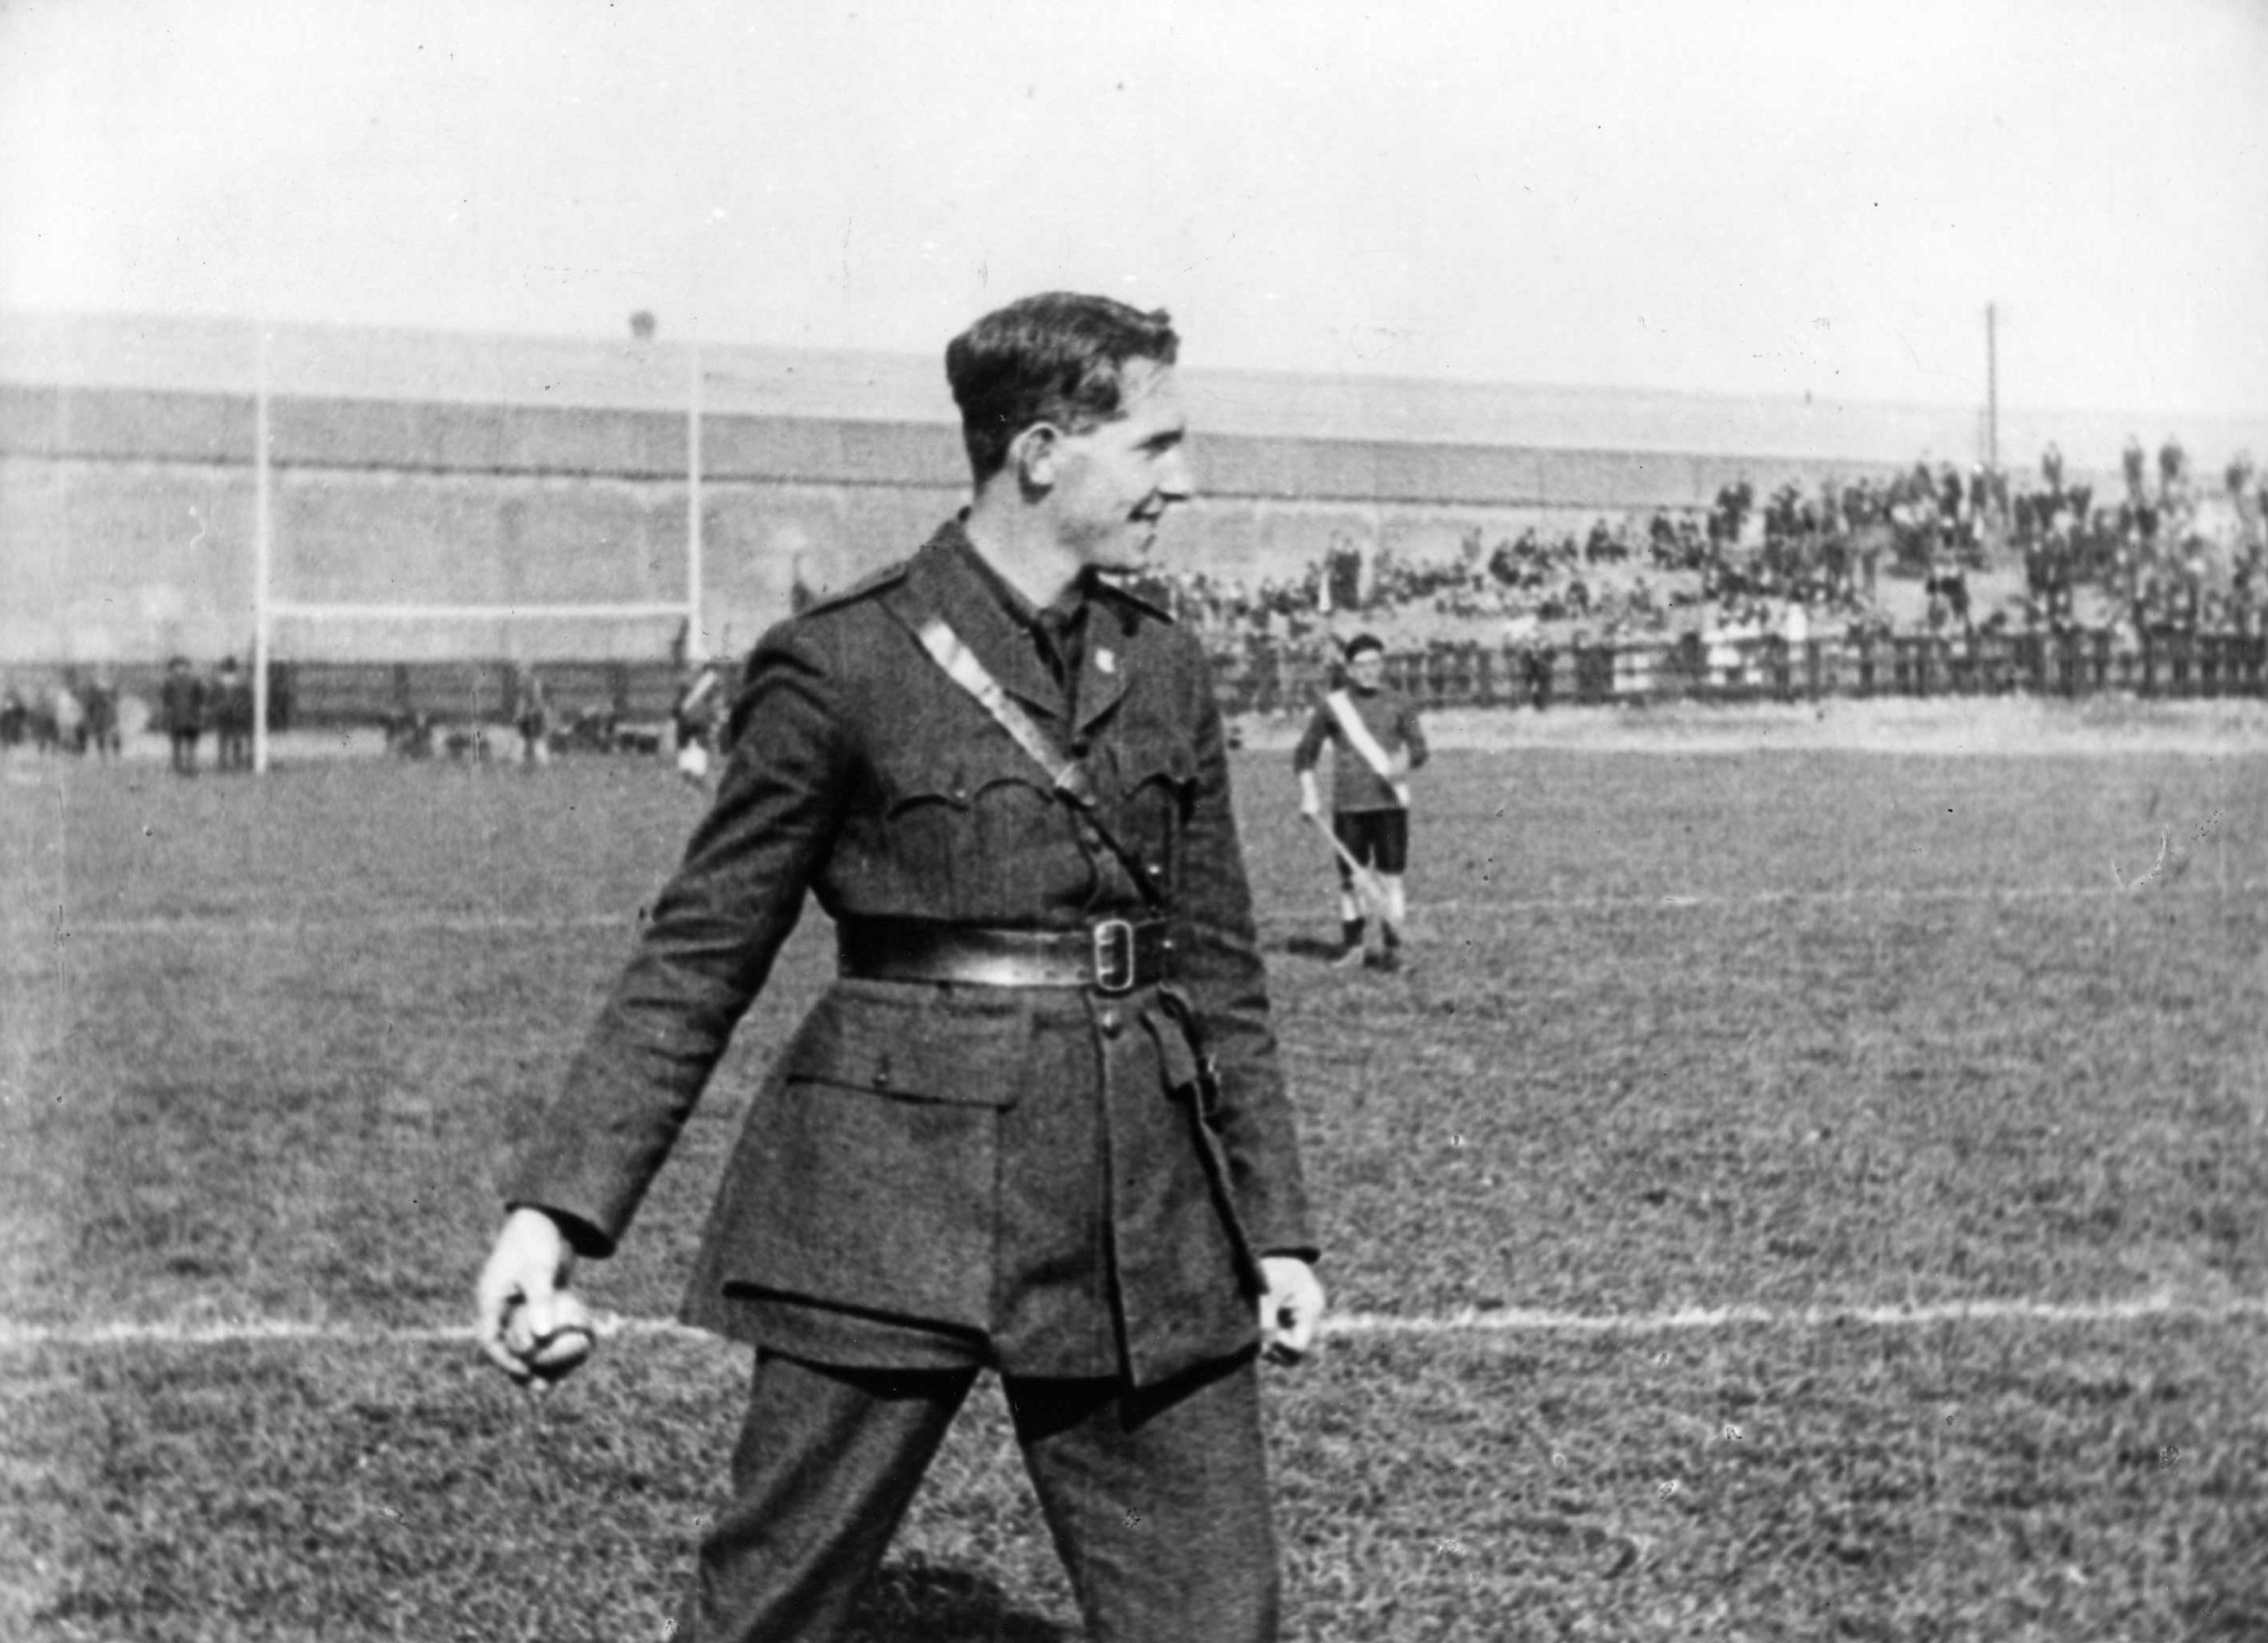 General McKeown throwing in the sliotar at Croke Park, 1921